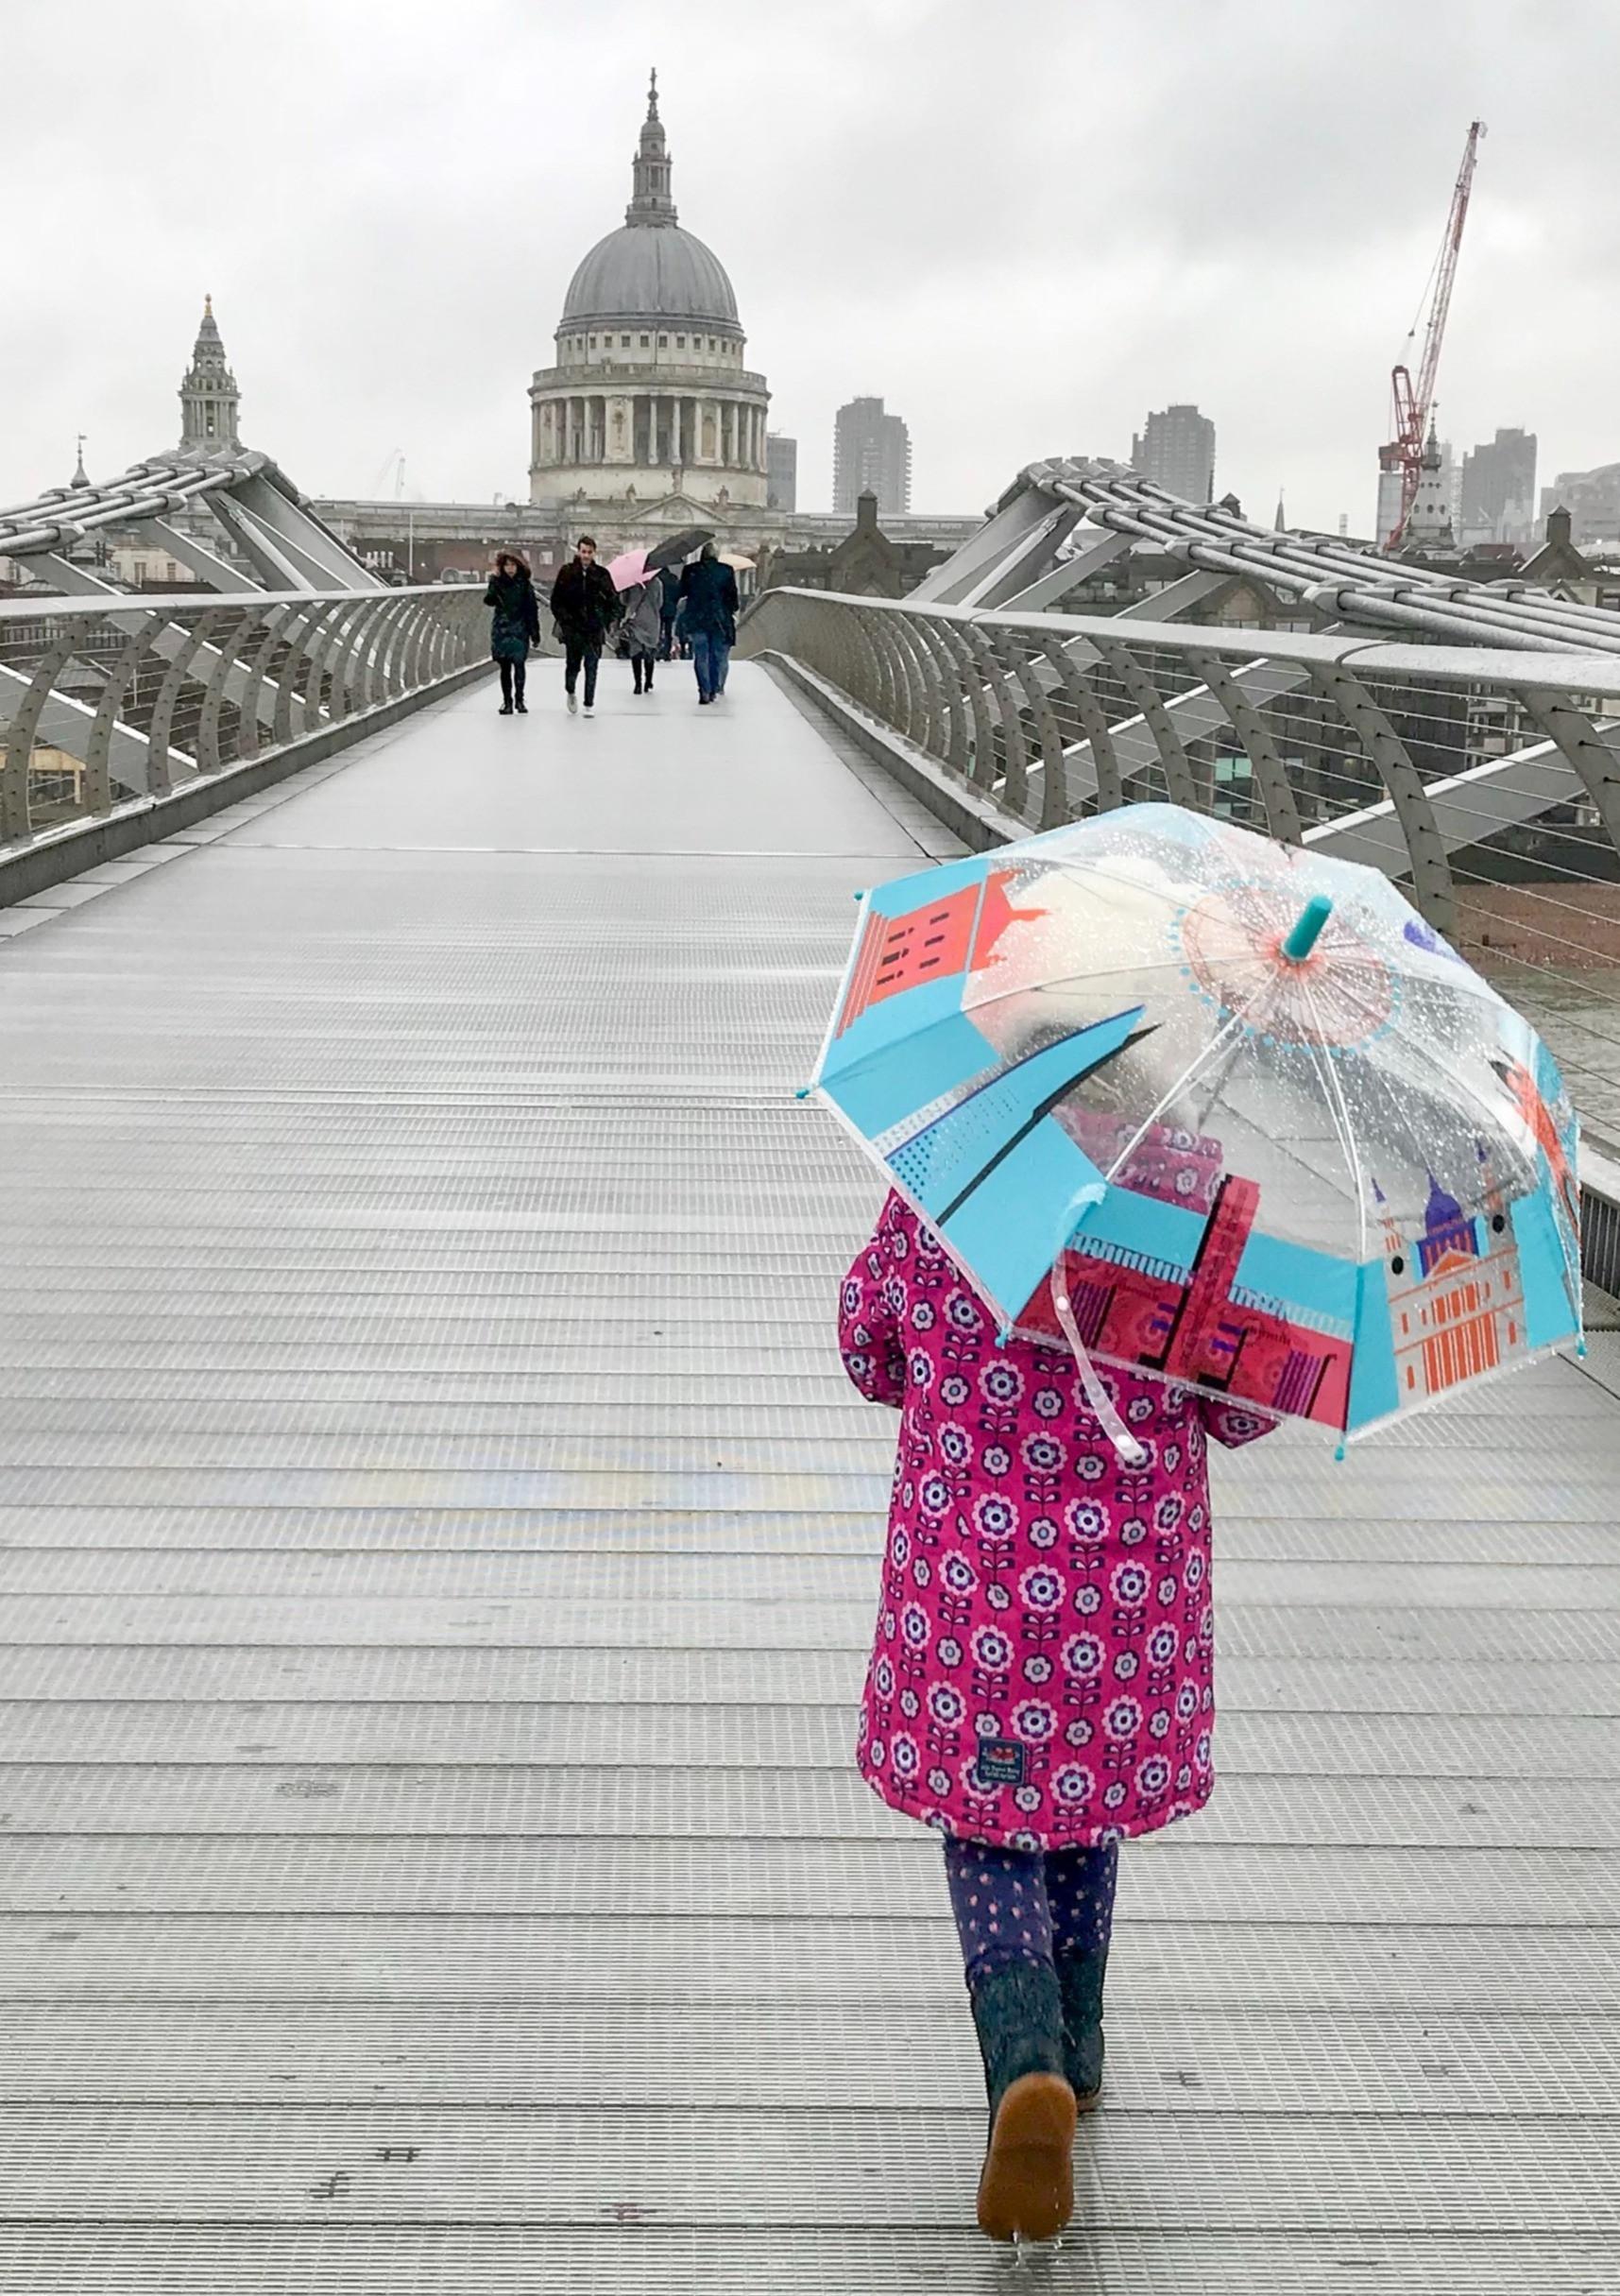 Girl with umbrella, Millennium Bridge, L